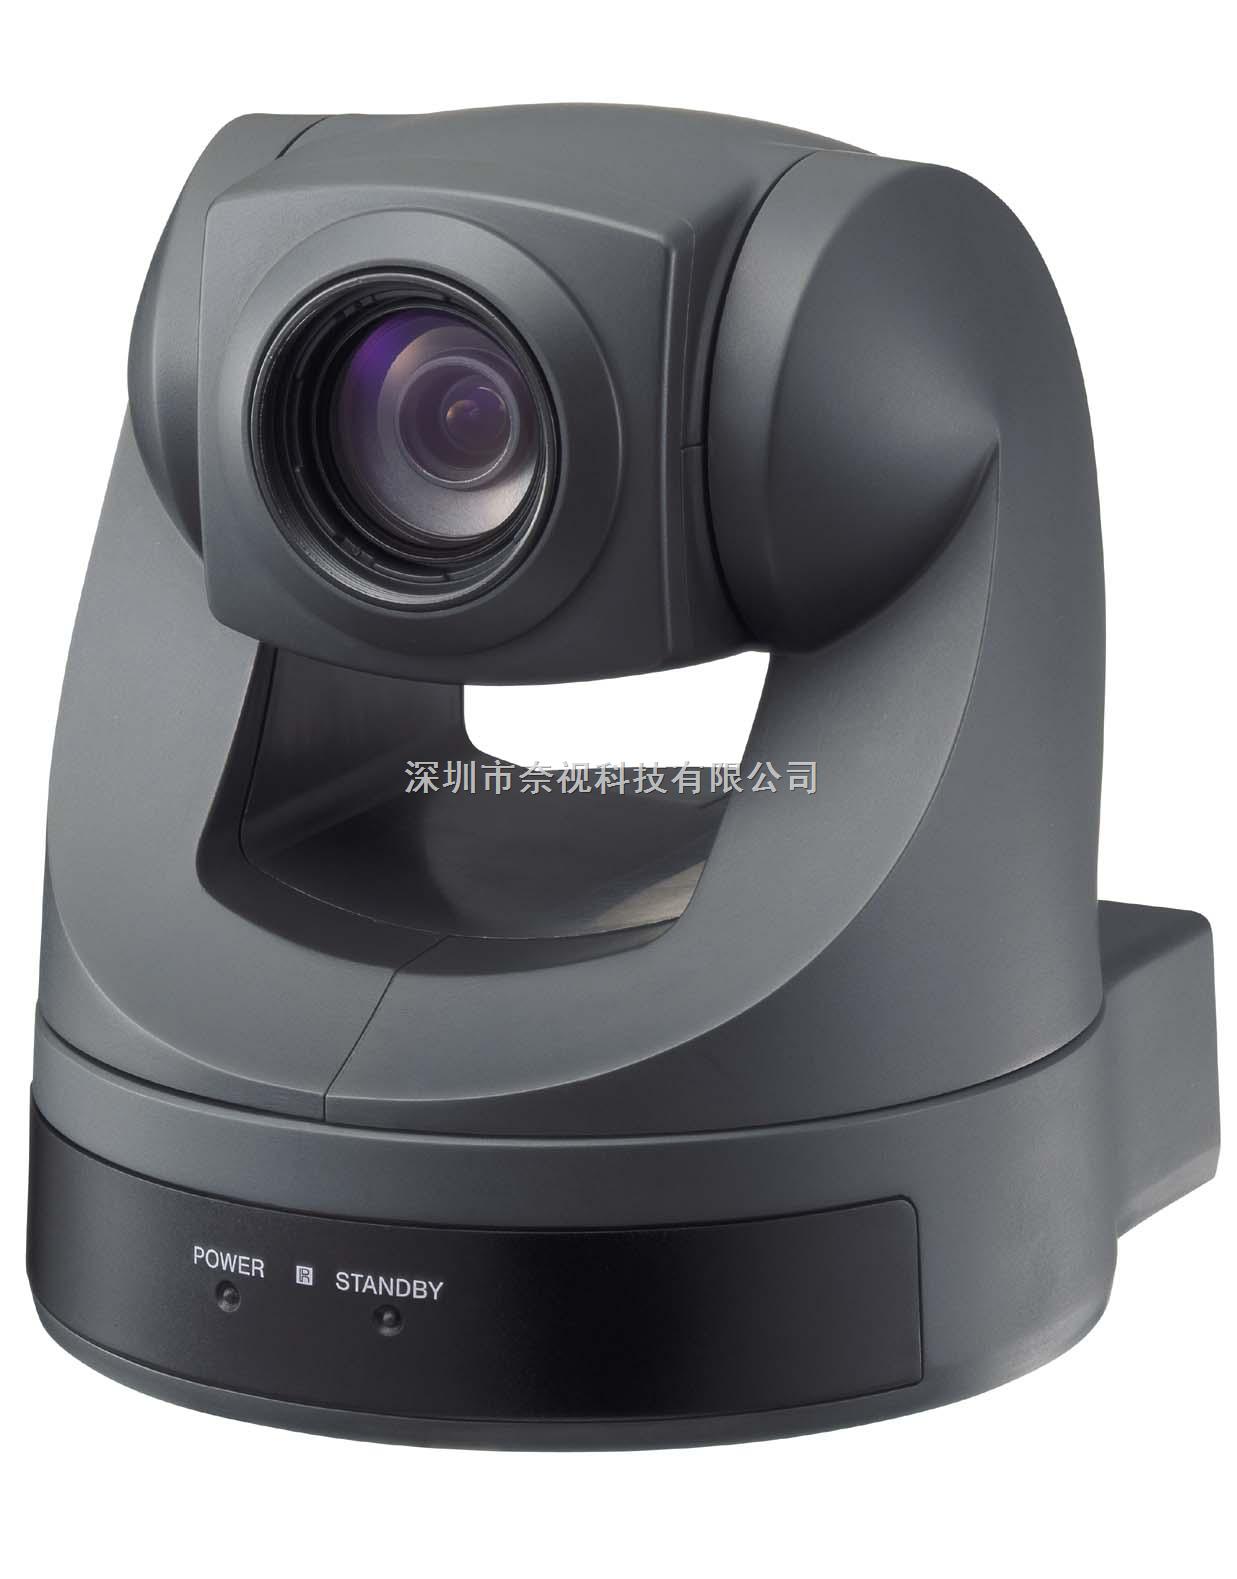 原裝SONY EVI-D70P會議攝像機